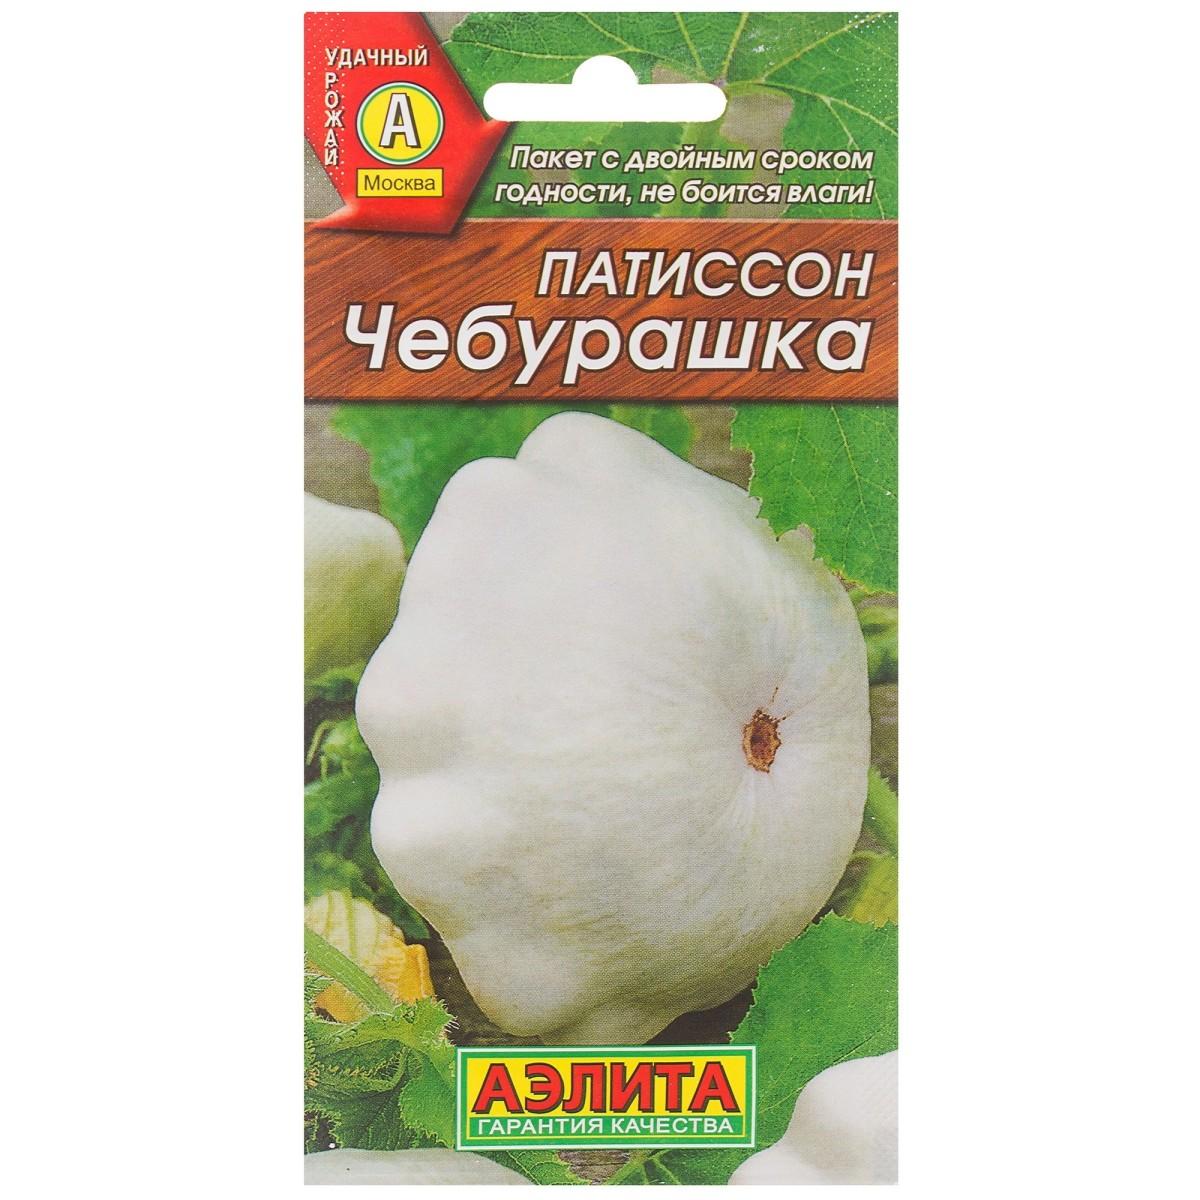 Семена Патиссон Чебурашка 1 г